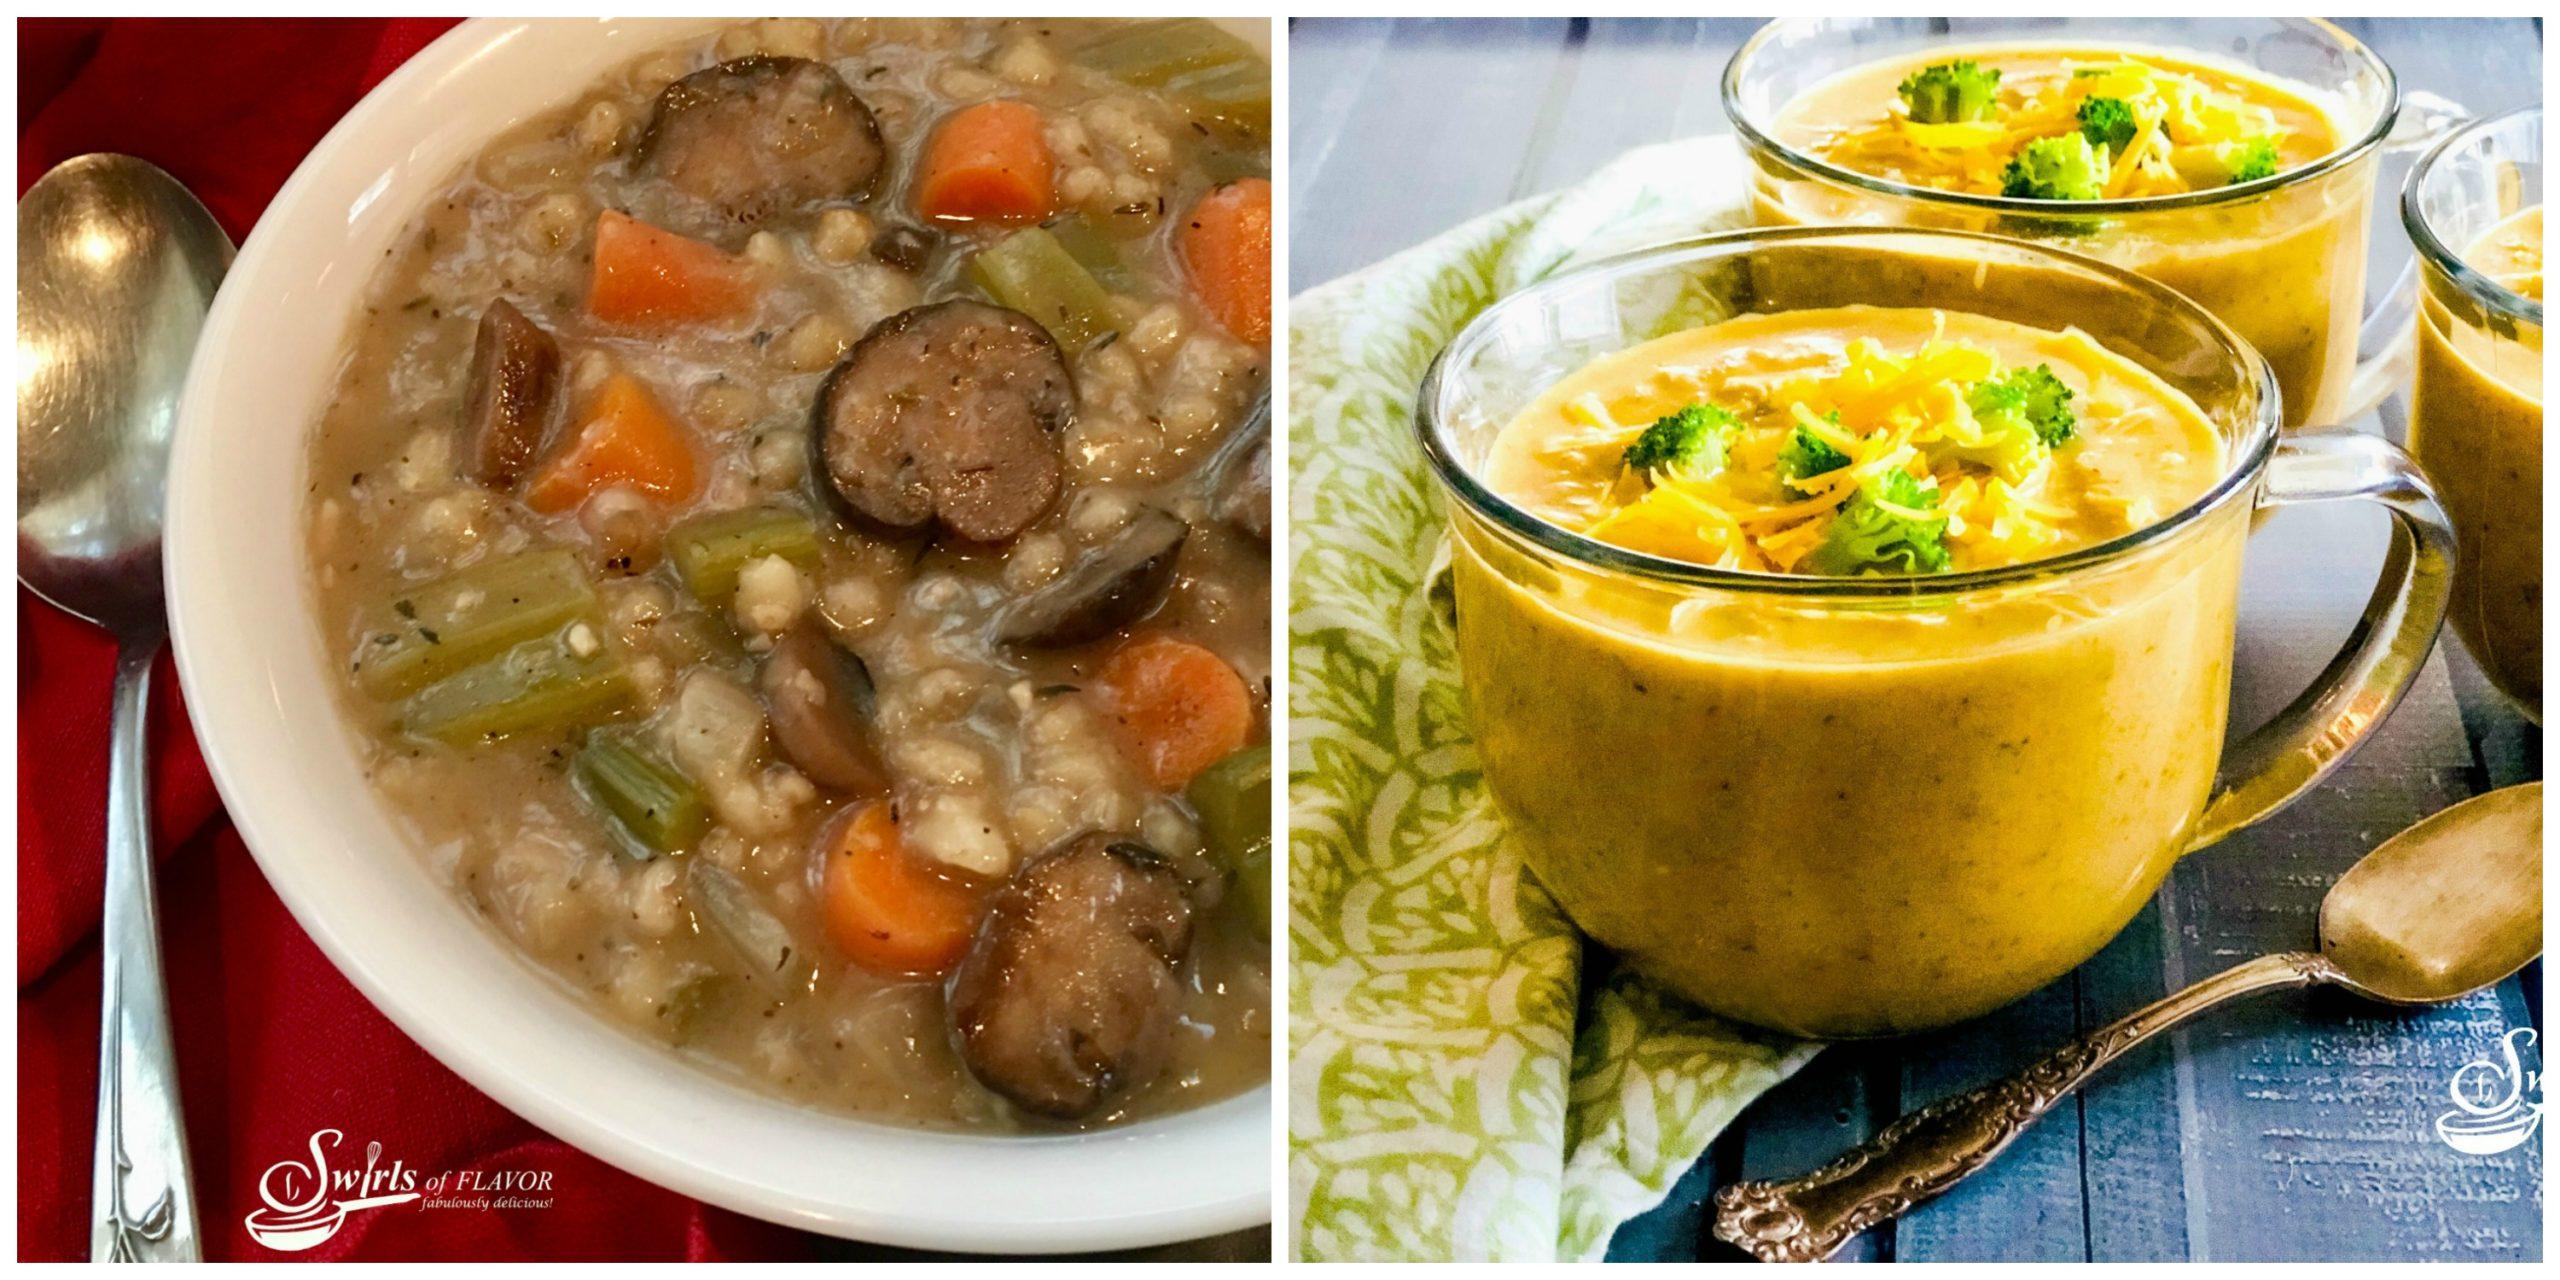 Mushroom Barley Soup and Broccoli Cheddar Soup